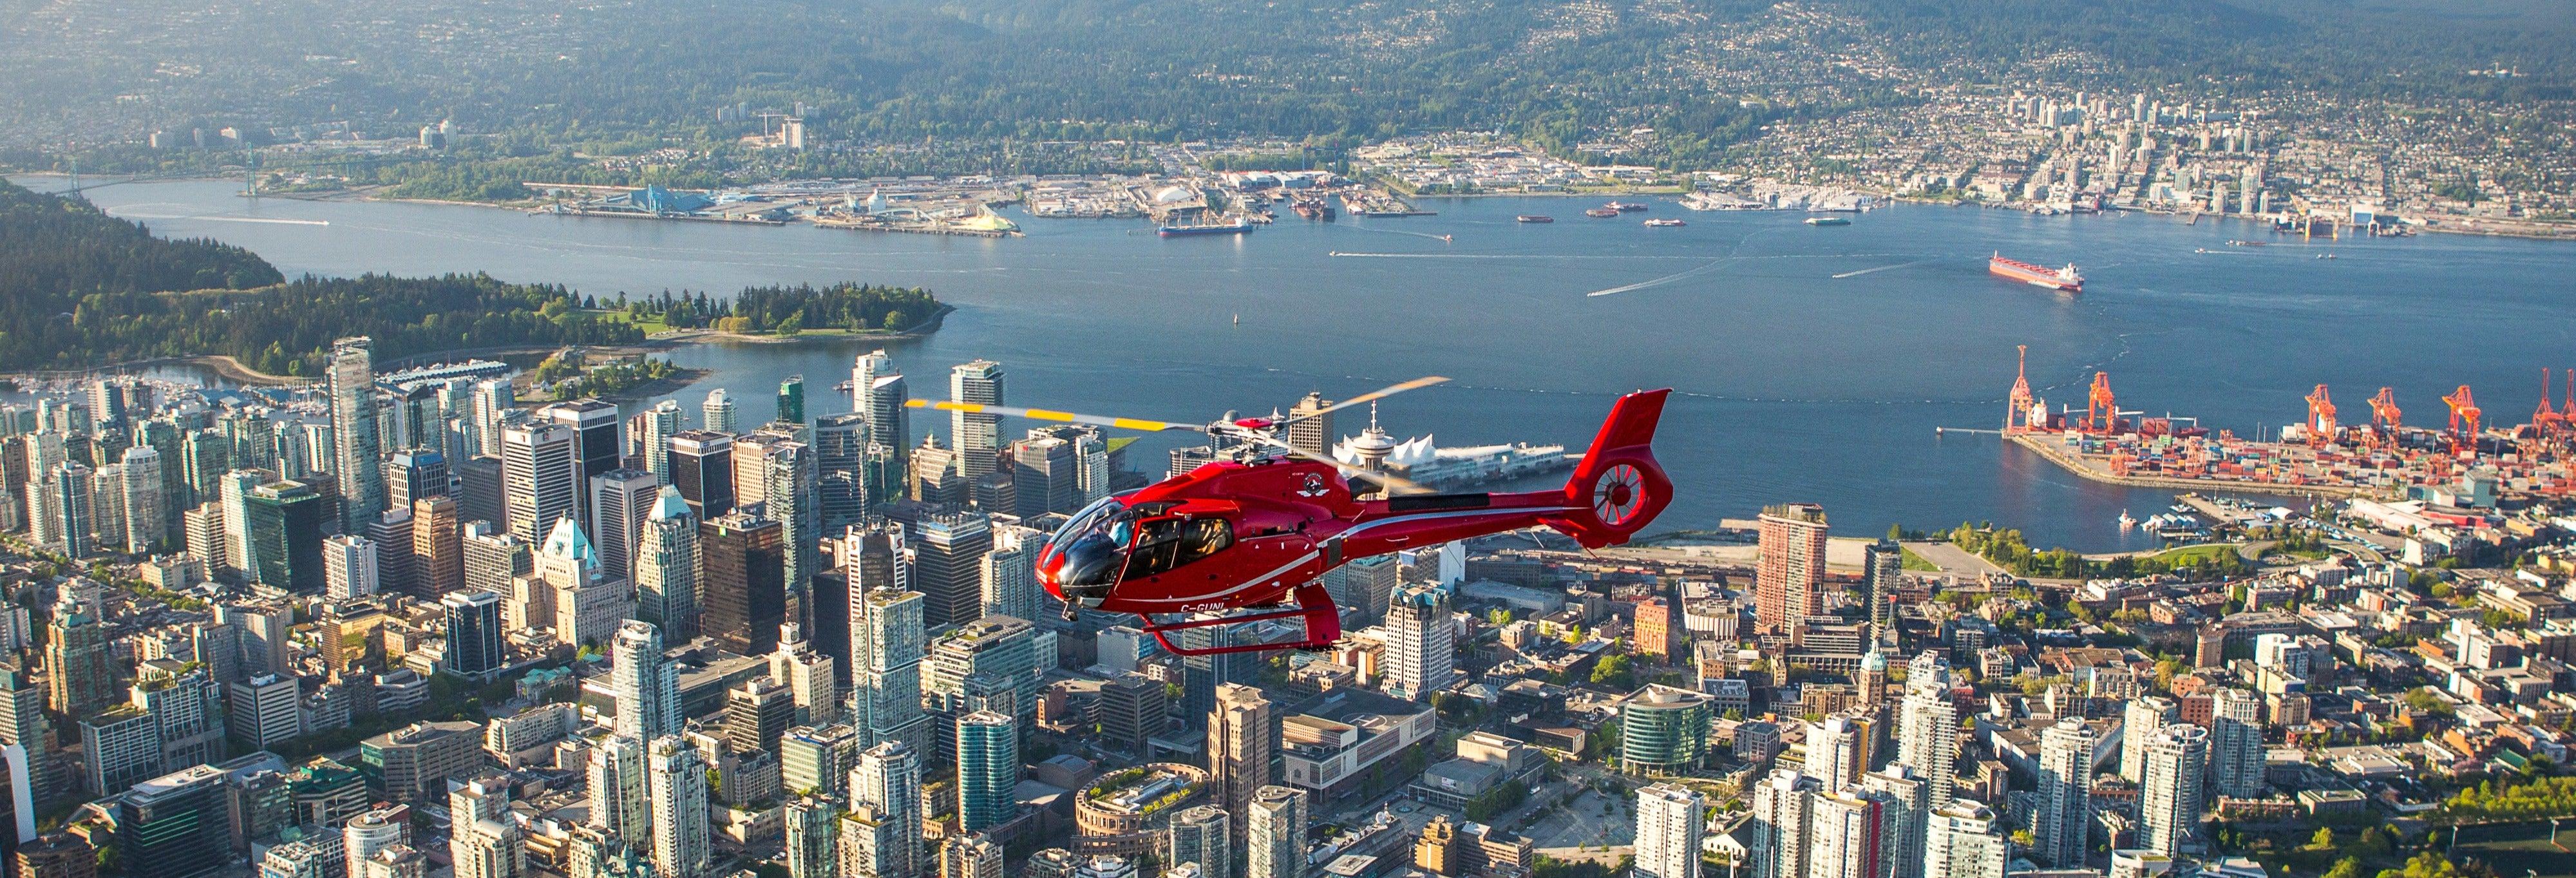 Vol en hélicoptère à Vancouver